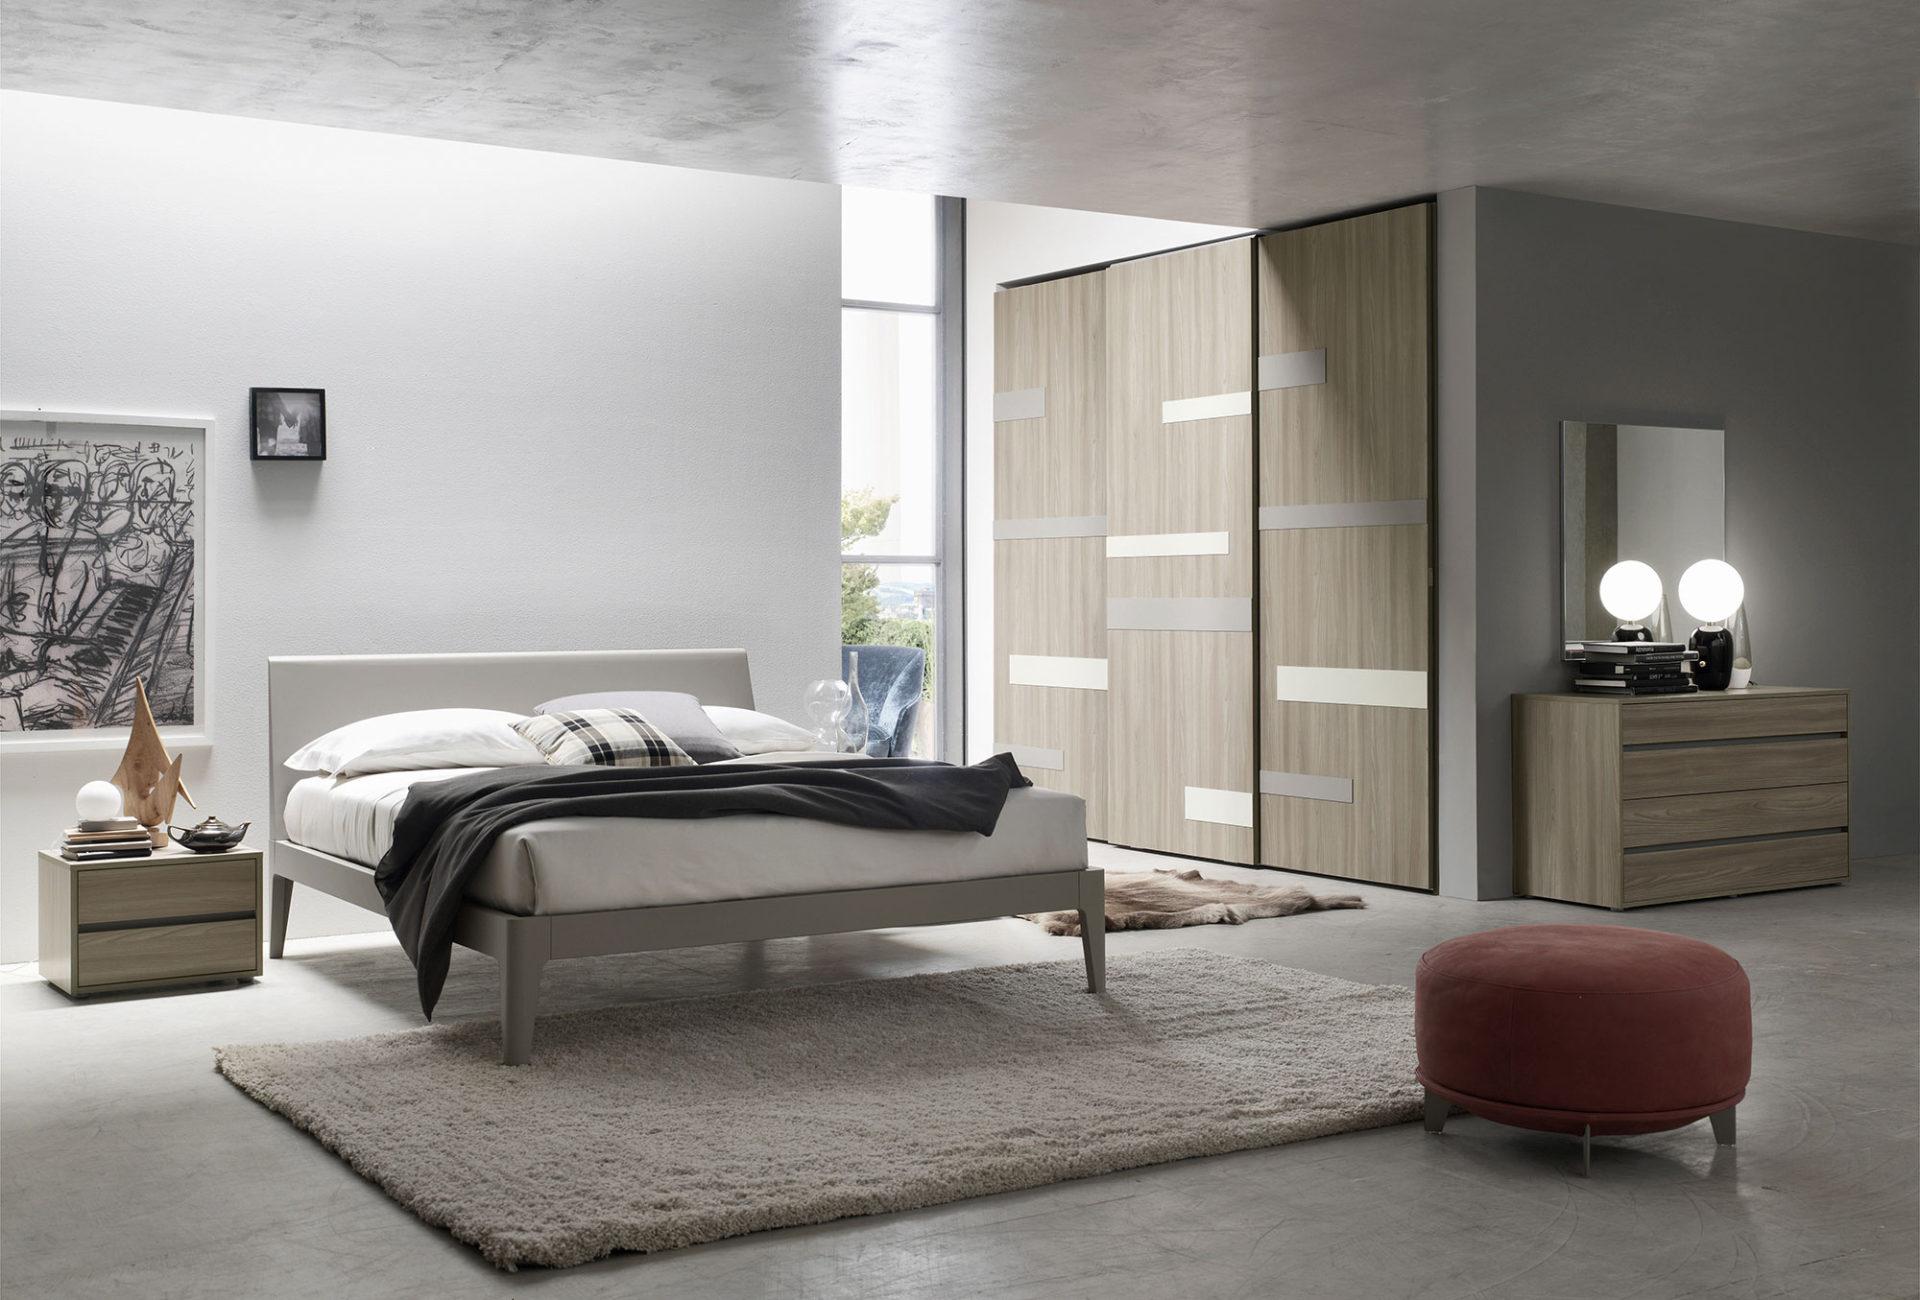 Camera Da Letto Legno Chiaro : Programma notte letti in legno letti imbottiti gruppi orme